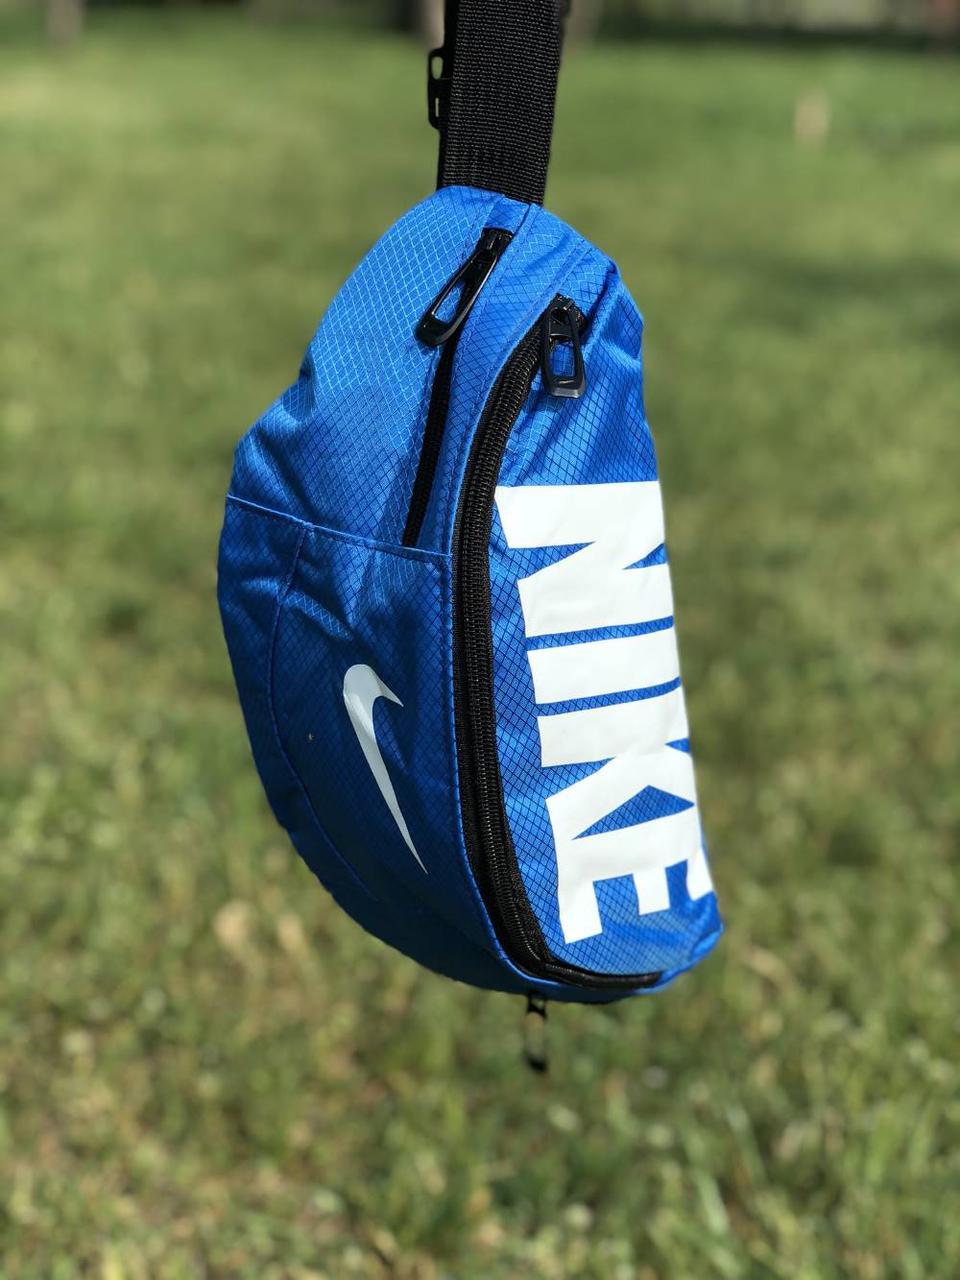 ac04706d Поясная сумка Nike Team Training(голубая).Поясные сумки в Киеве от ...